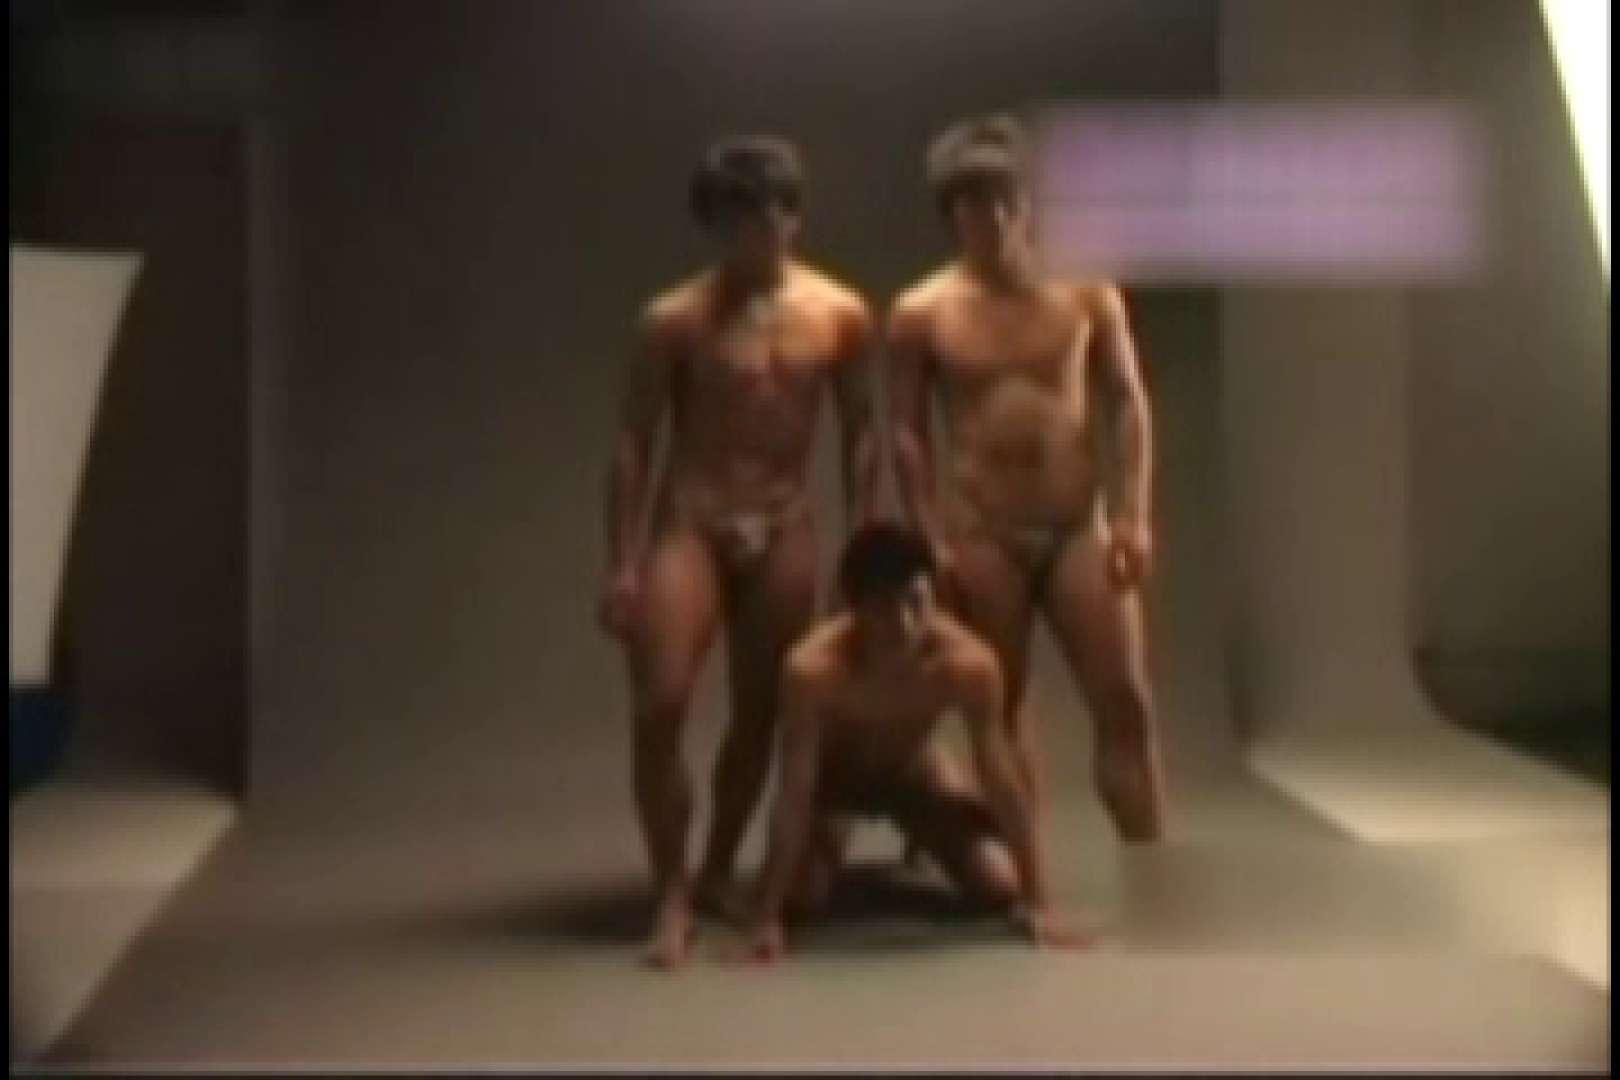 中出有名ゲイ雑誌★魅力●生★付録DVD収録スーパーモデルヌードvol4 イメージ (sex) | ヌード ゲイエロ画像 82枚 5